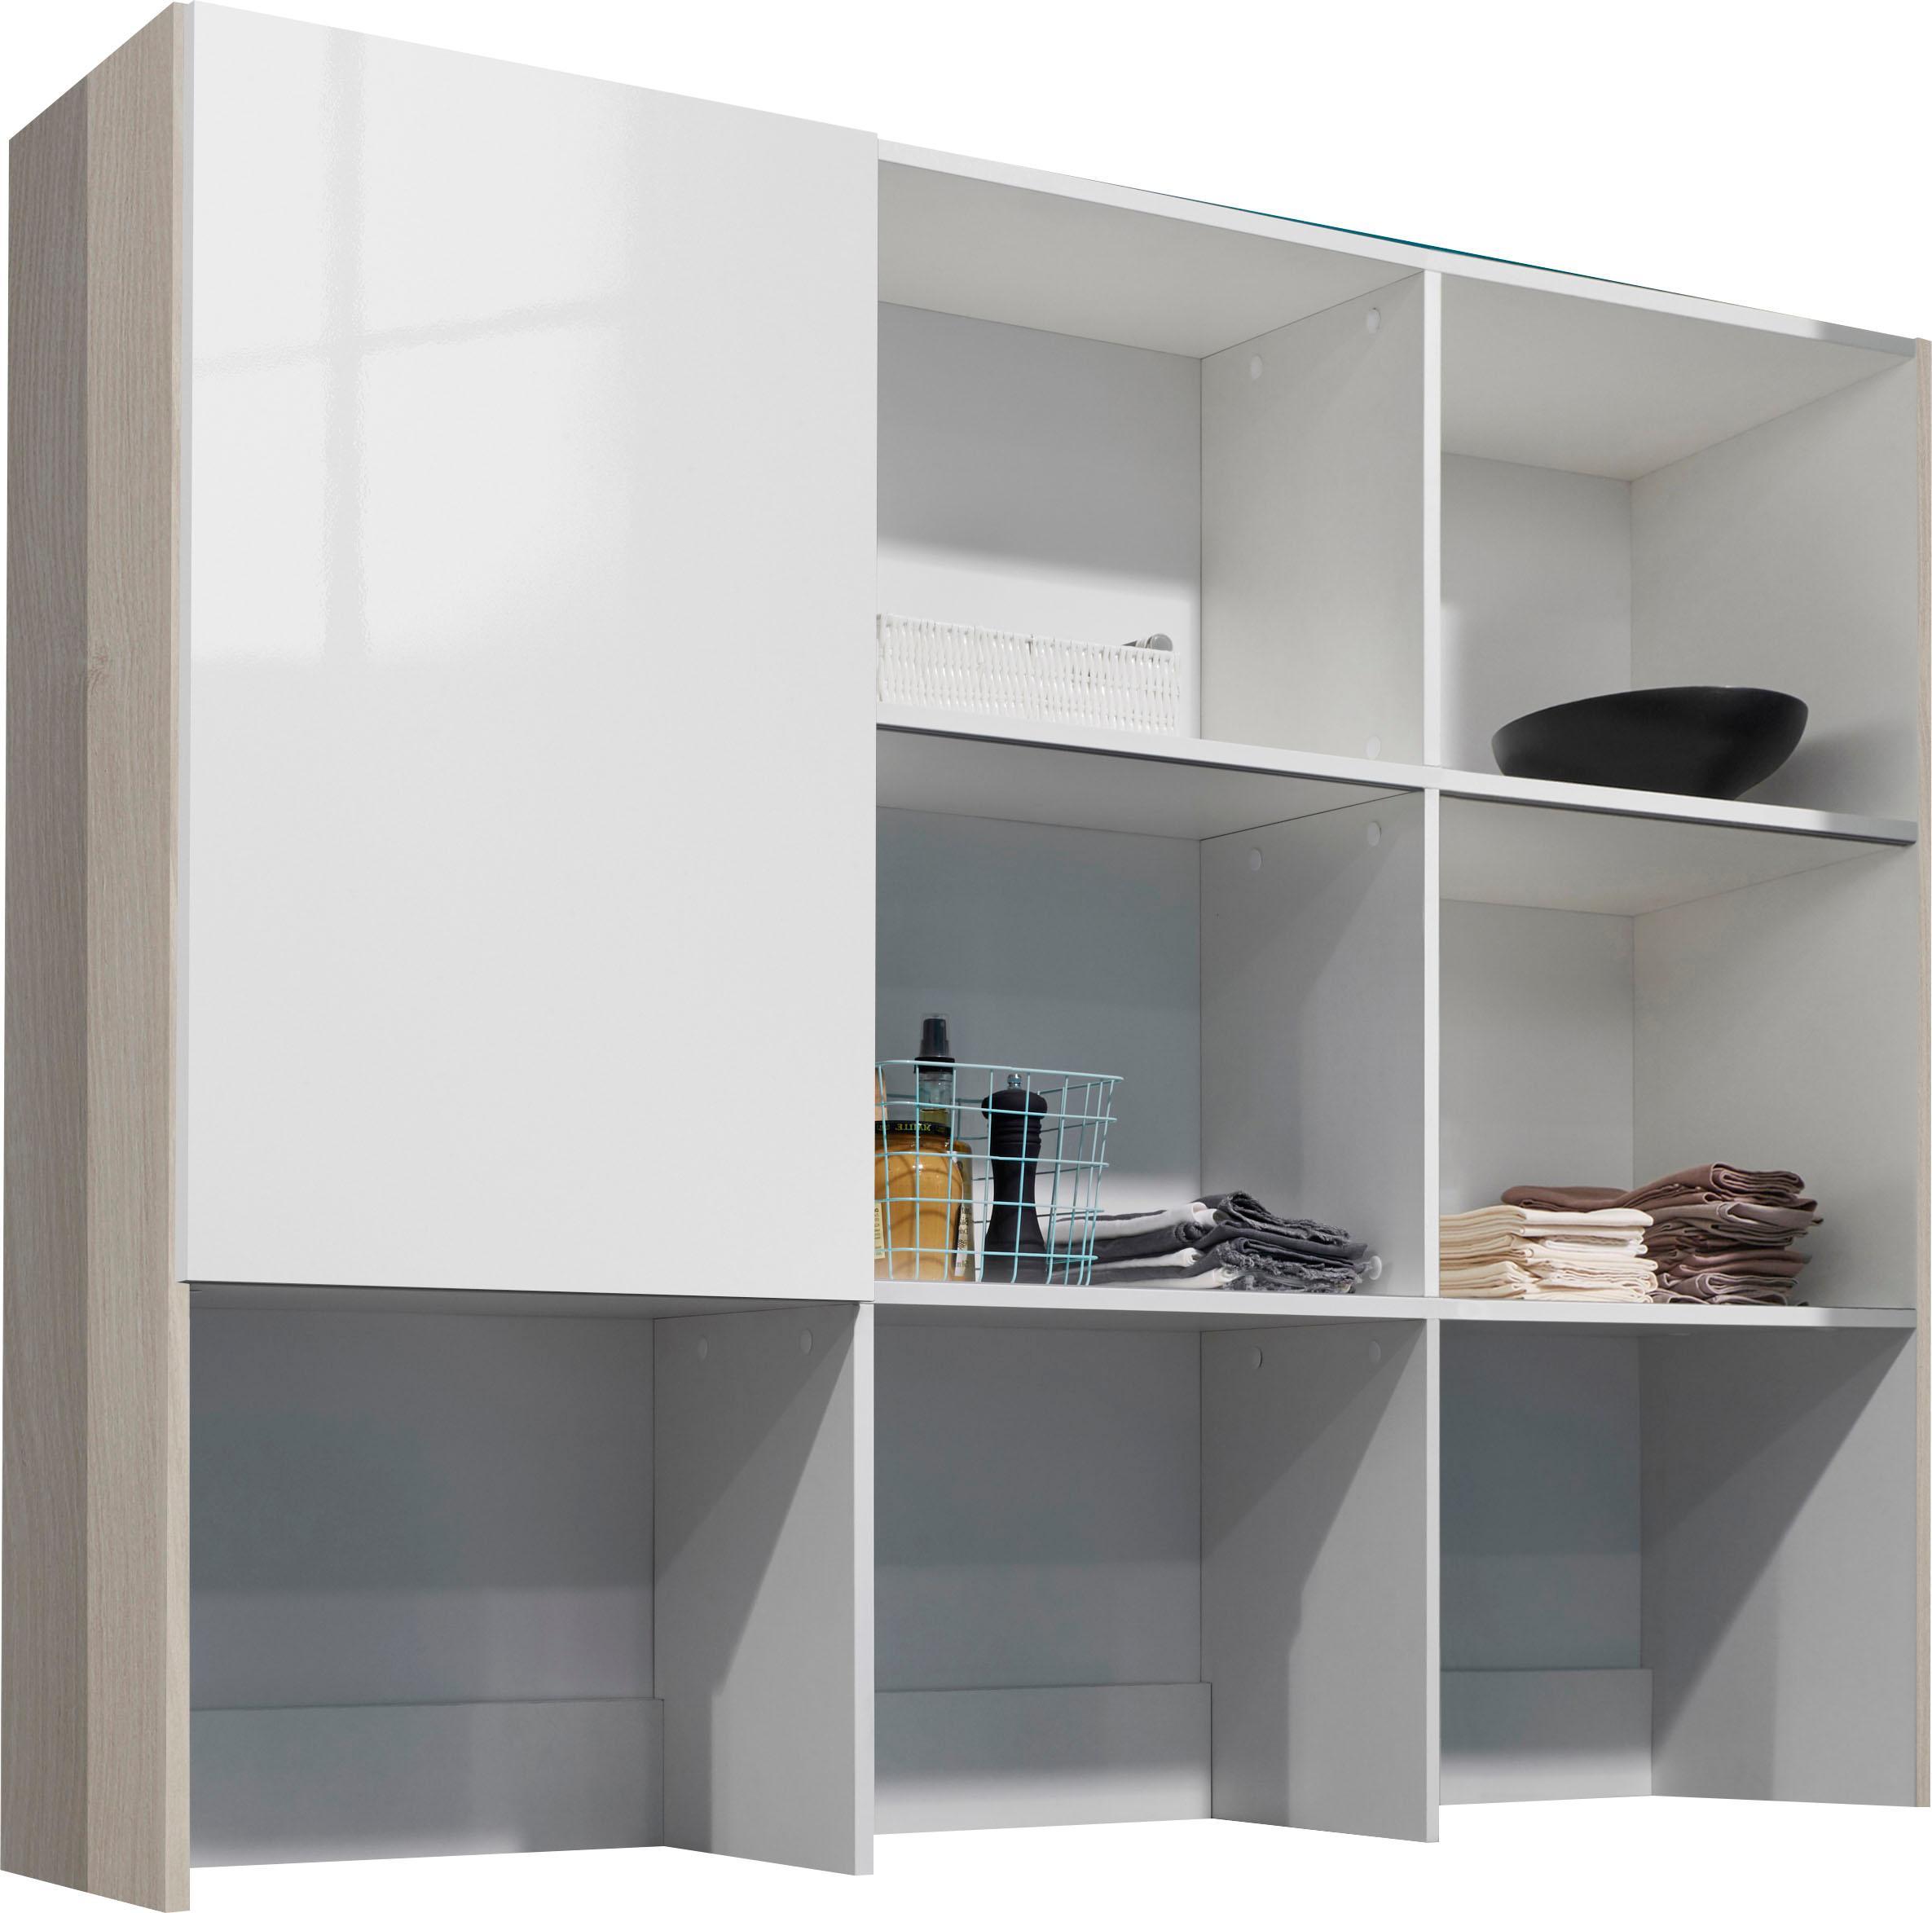 OPTIFIT Aufsatzregal Bern weiß Zubehör für Kleiderschränke Möbel Möbelaufsätze